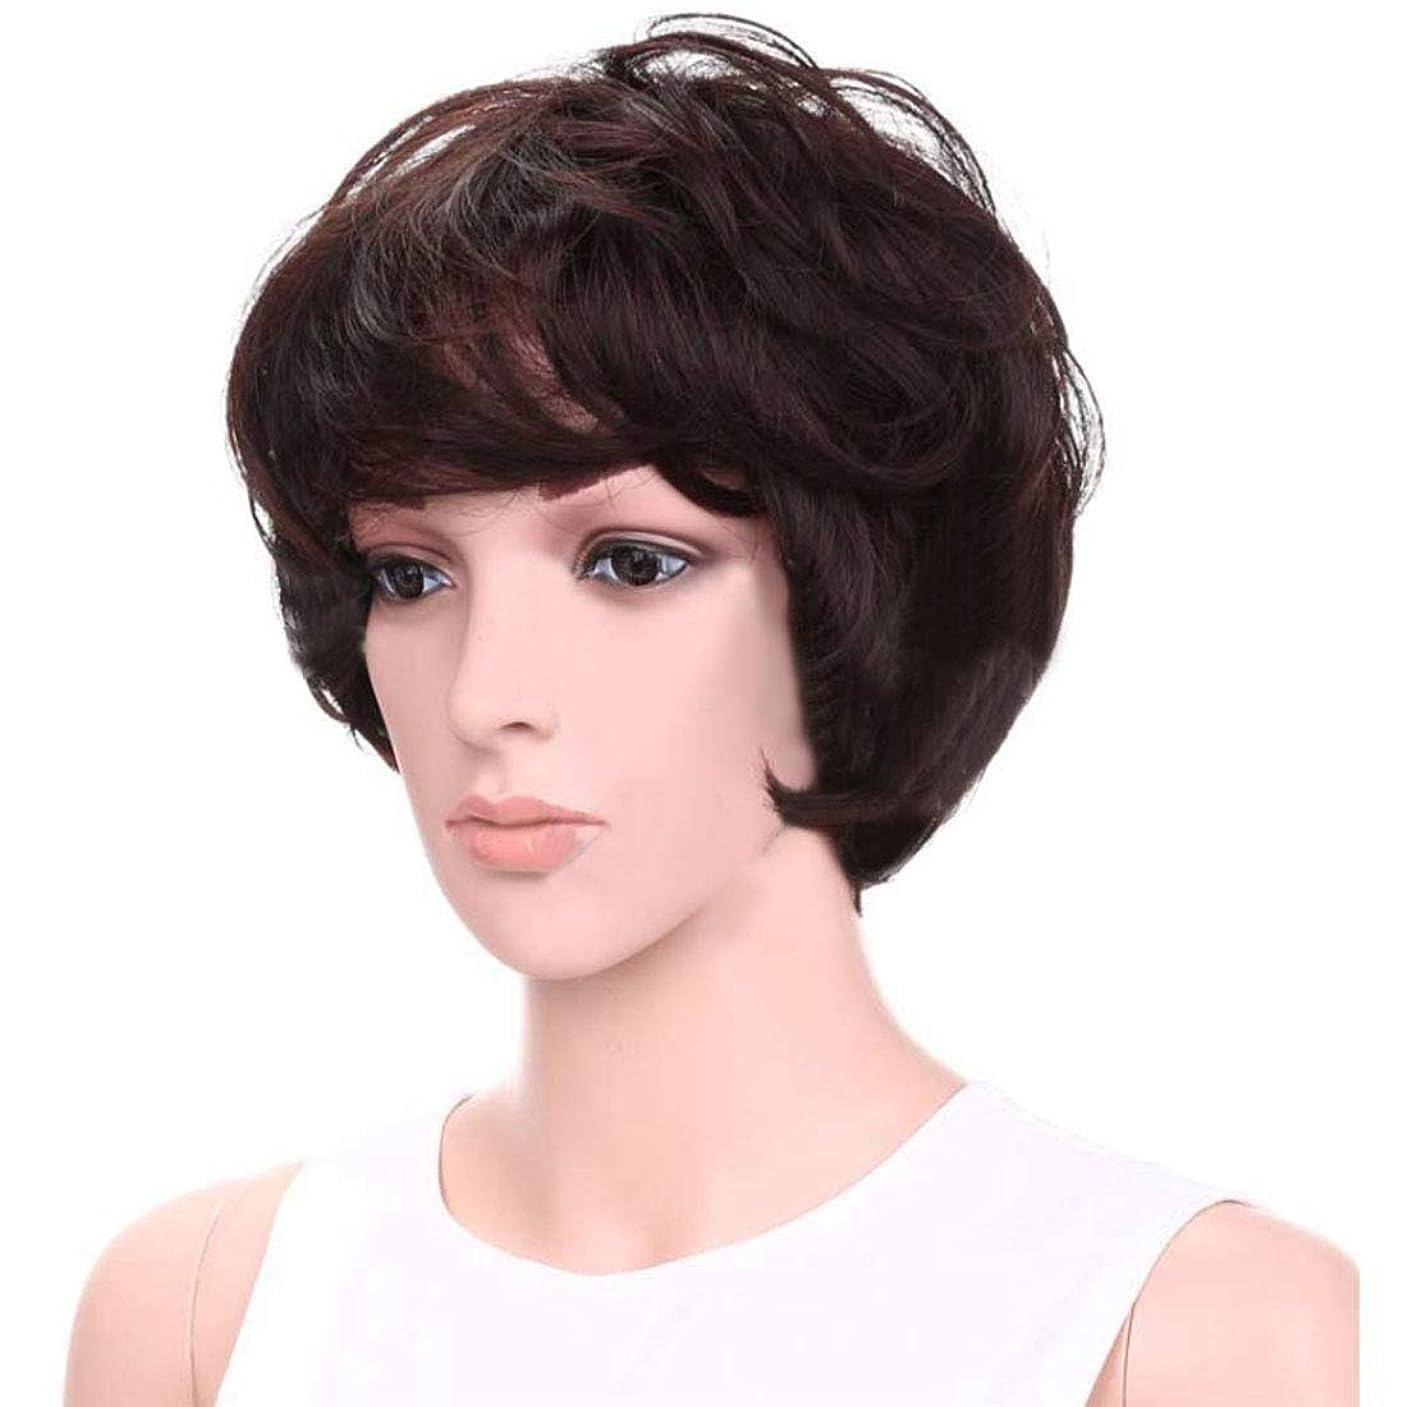 たくさんのほとんどないグリップYOUQIU エア?フラッツ前髪髪の耐熱ウィッグでパーソナリティかつら女性のショートヘアウィッグふわふわ8インチ(ダークブラウン)かつら (色 : Dark brown)